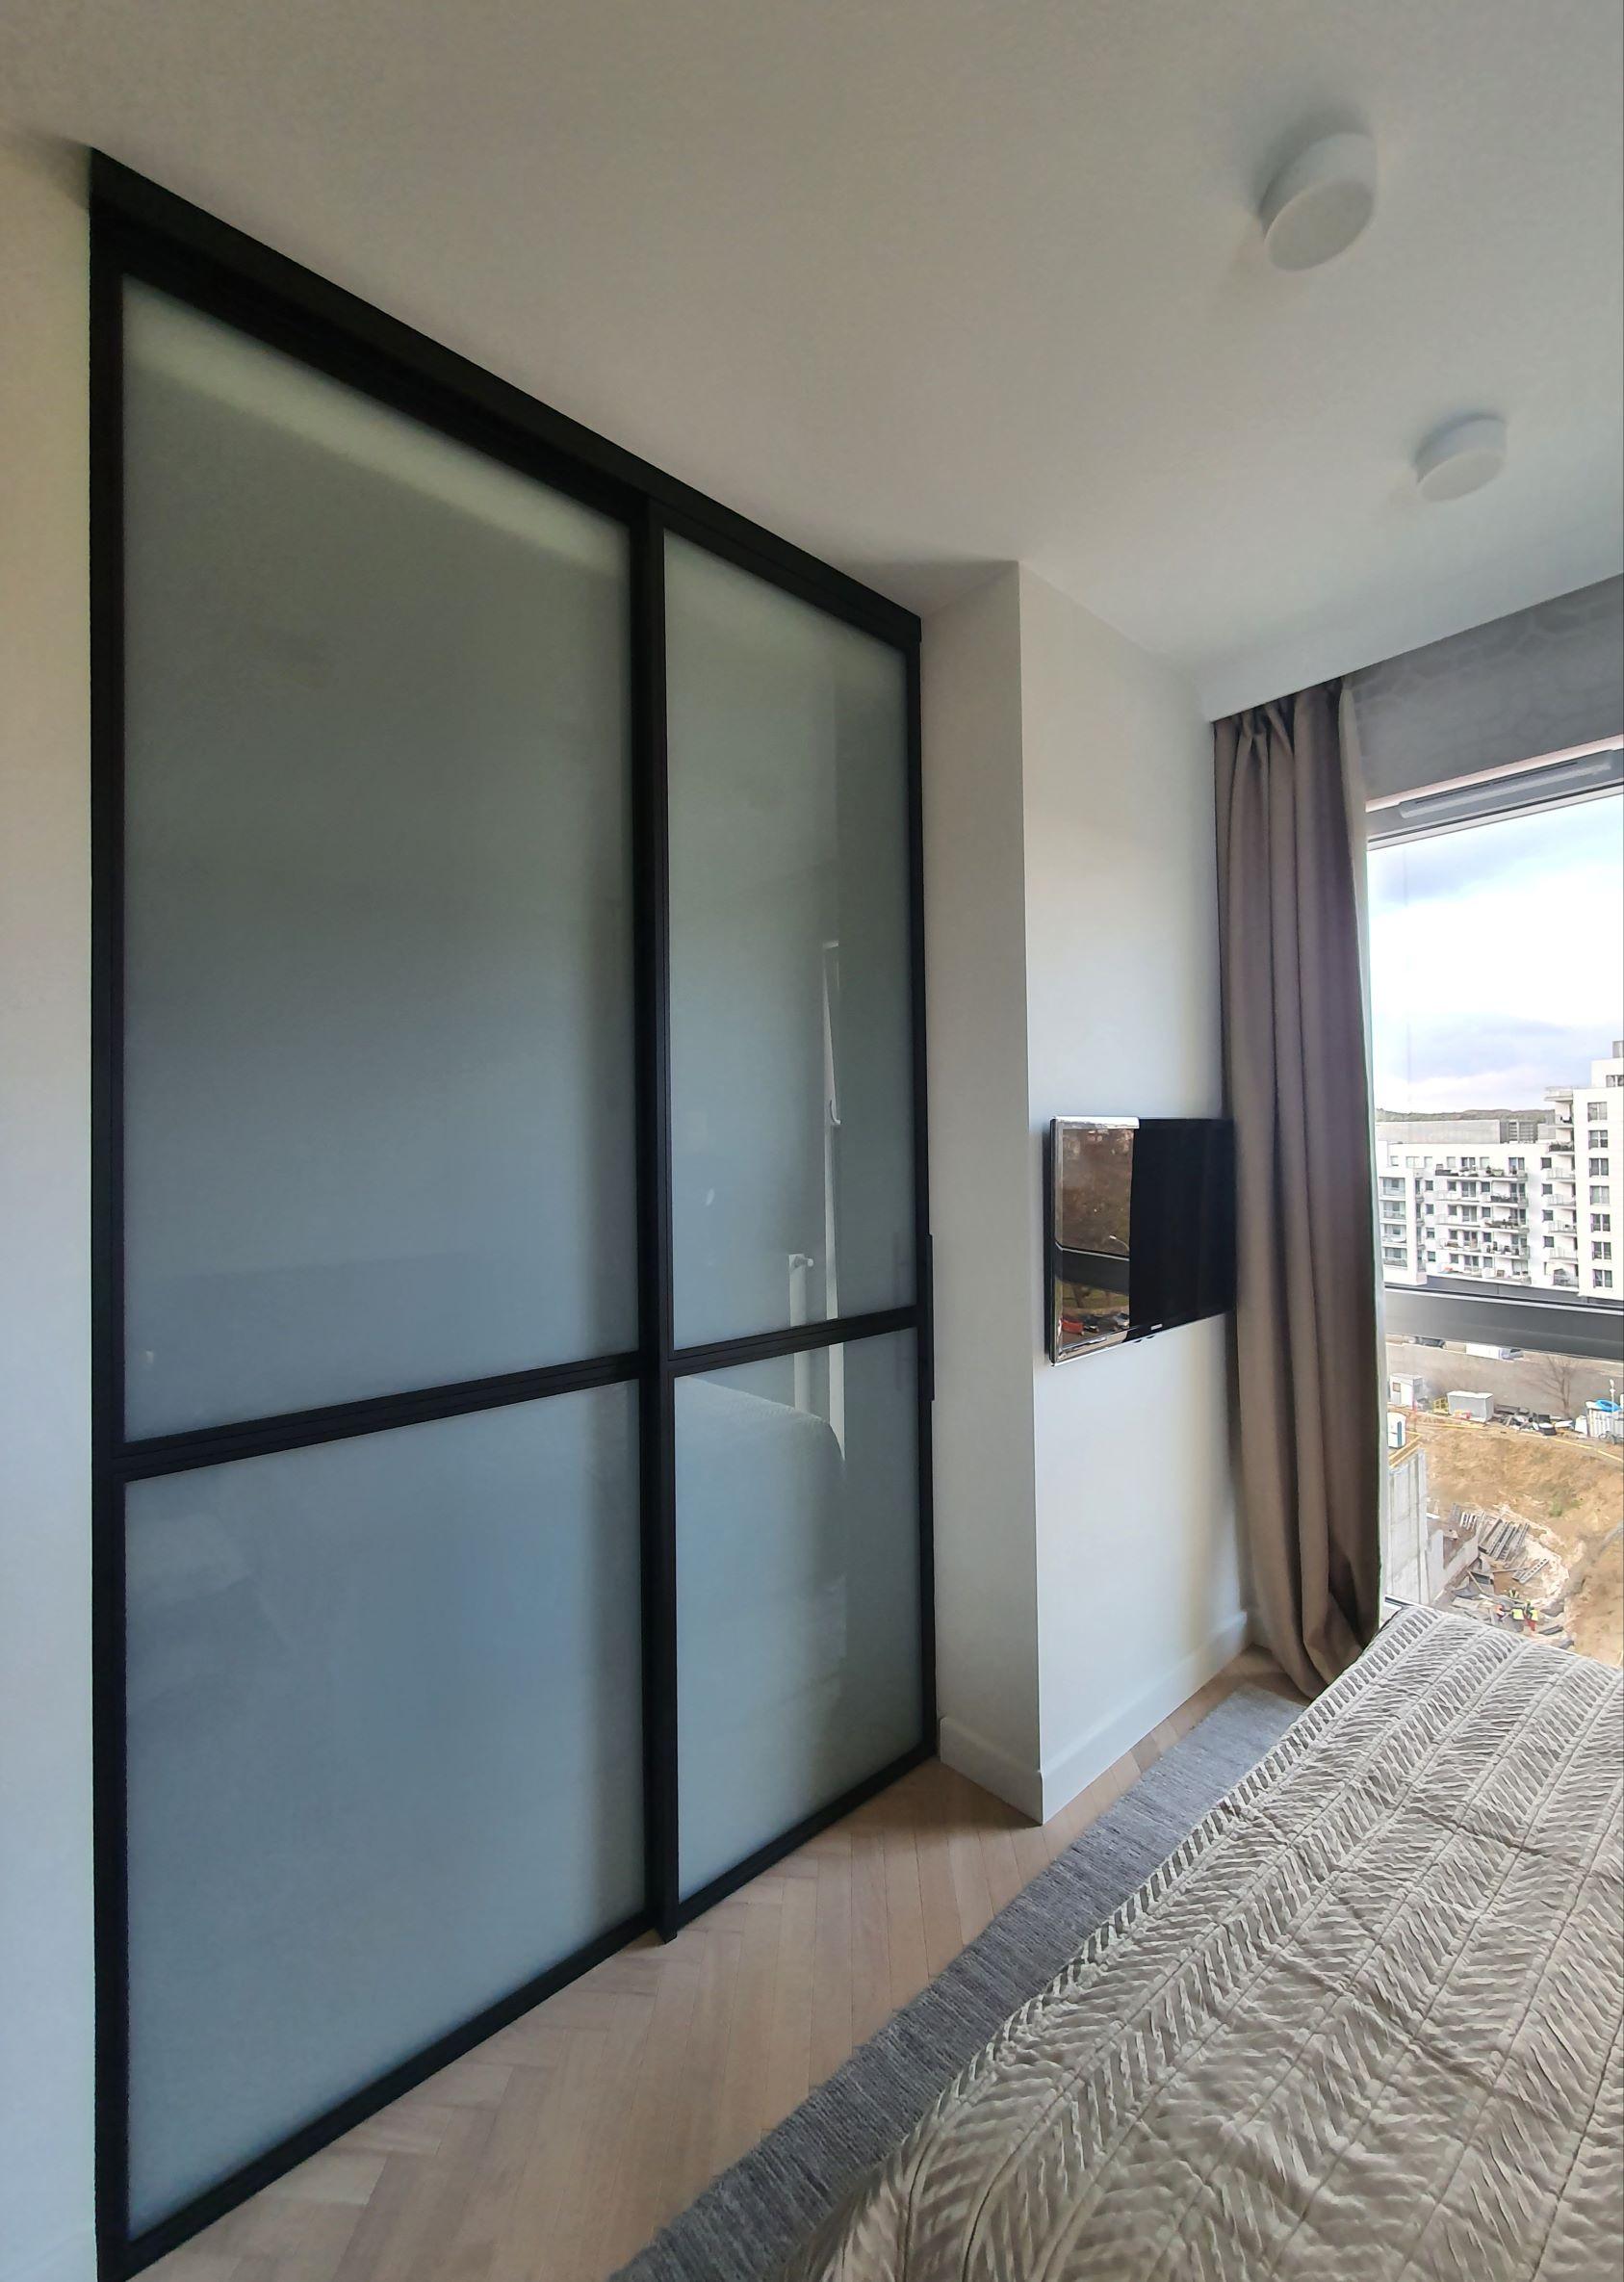 Loftowe drzwi przesuwane wzdłuż ścianki